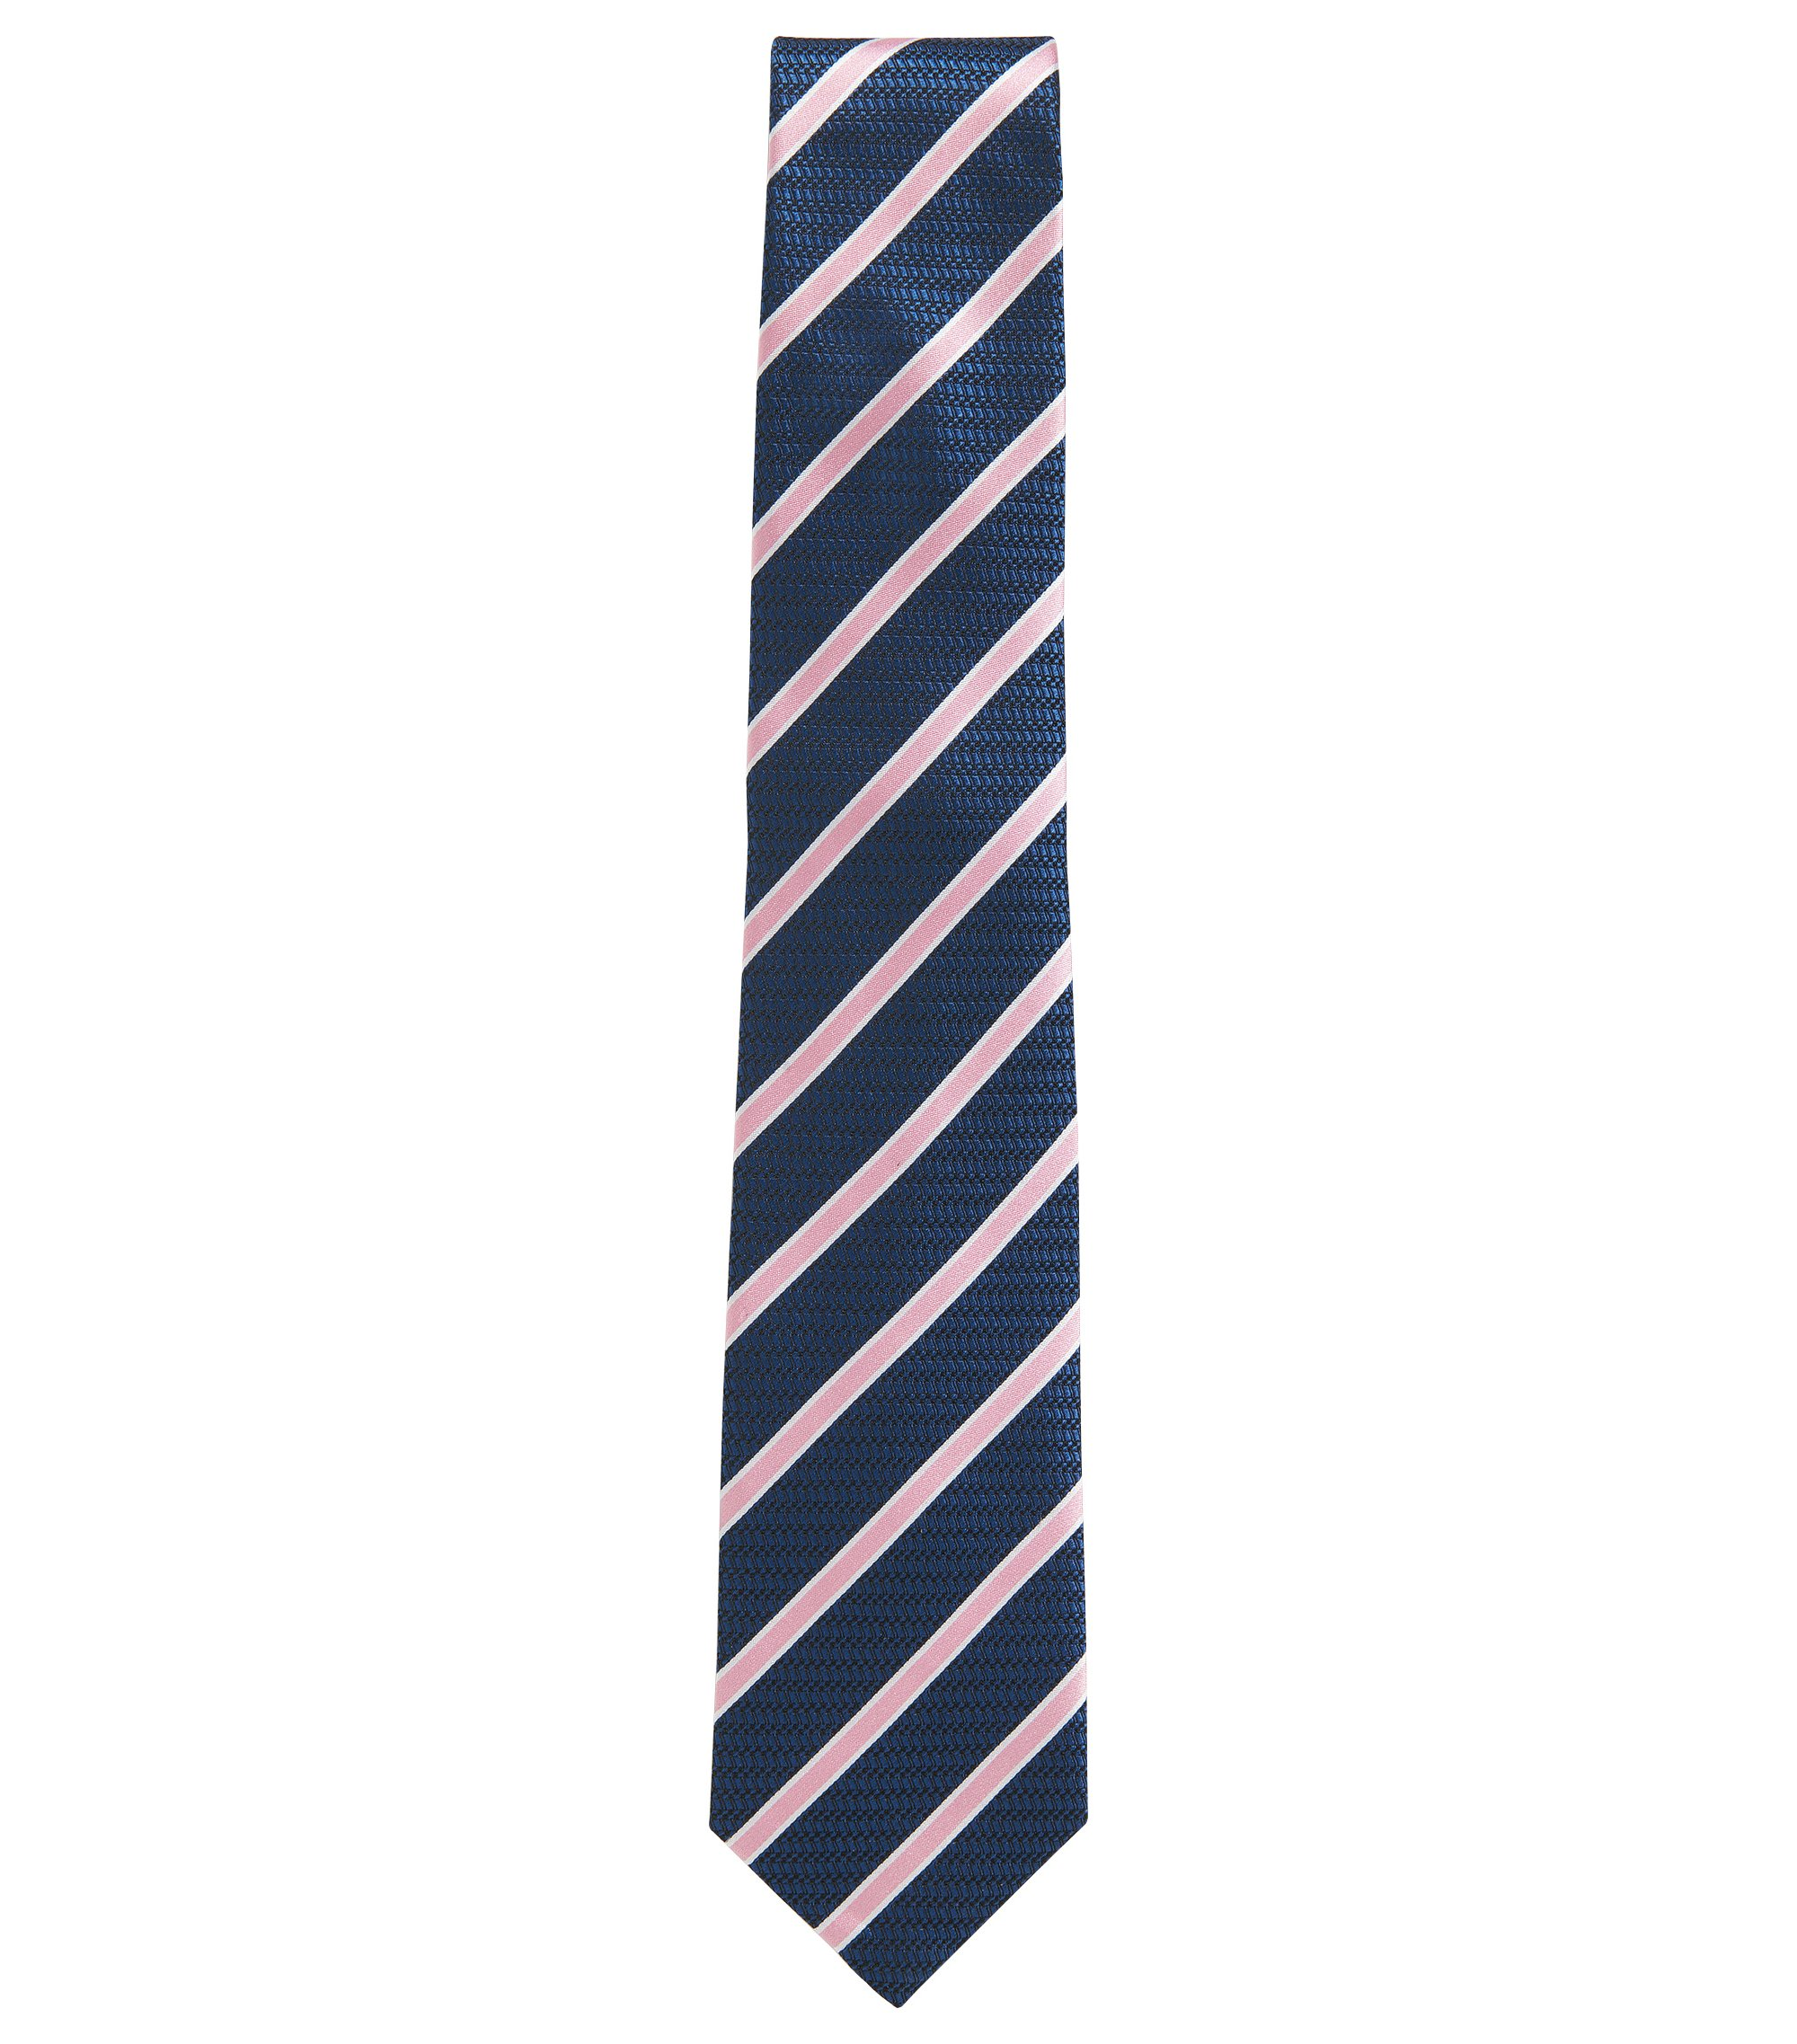 BOSS Tailored Striped Italian Silk Tie, Open Blue